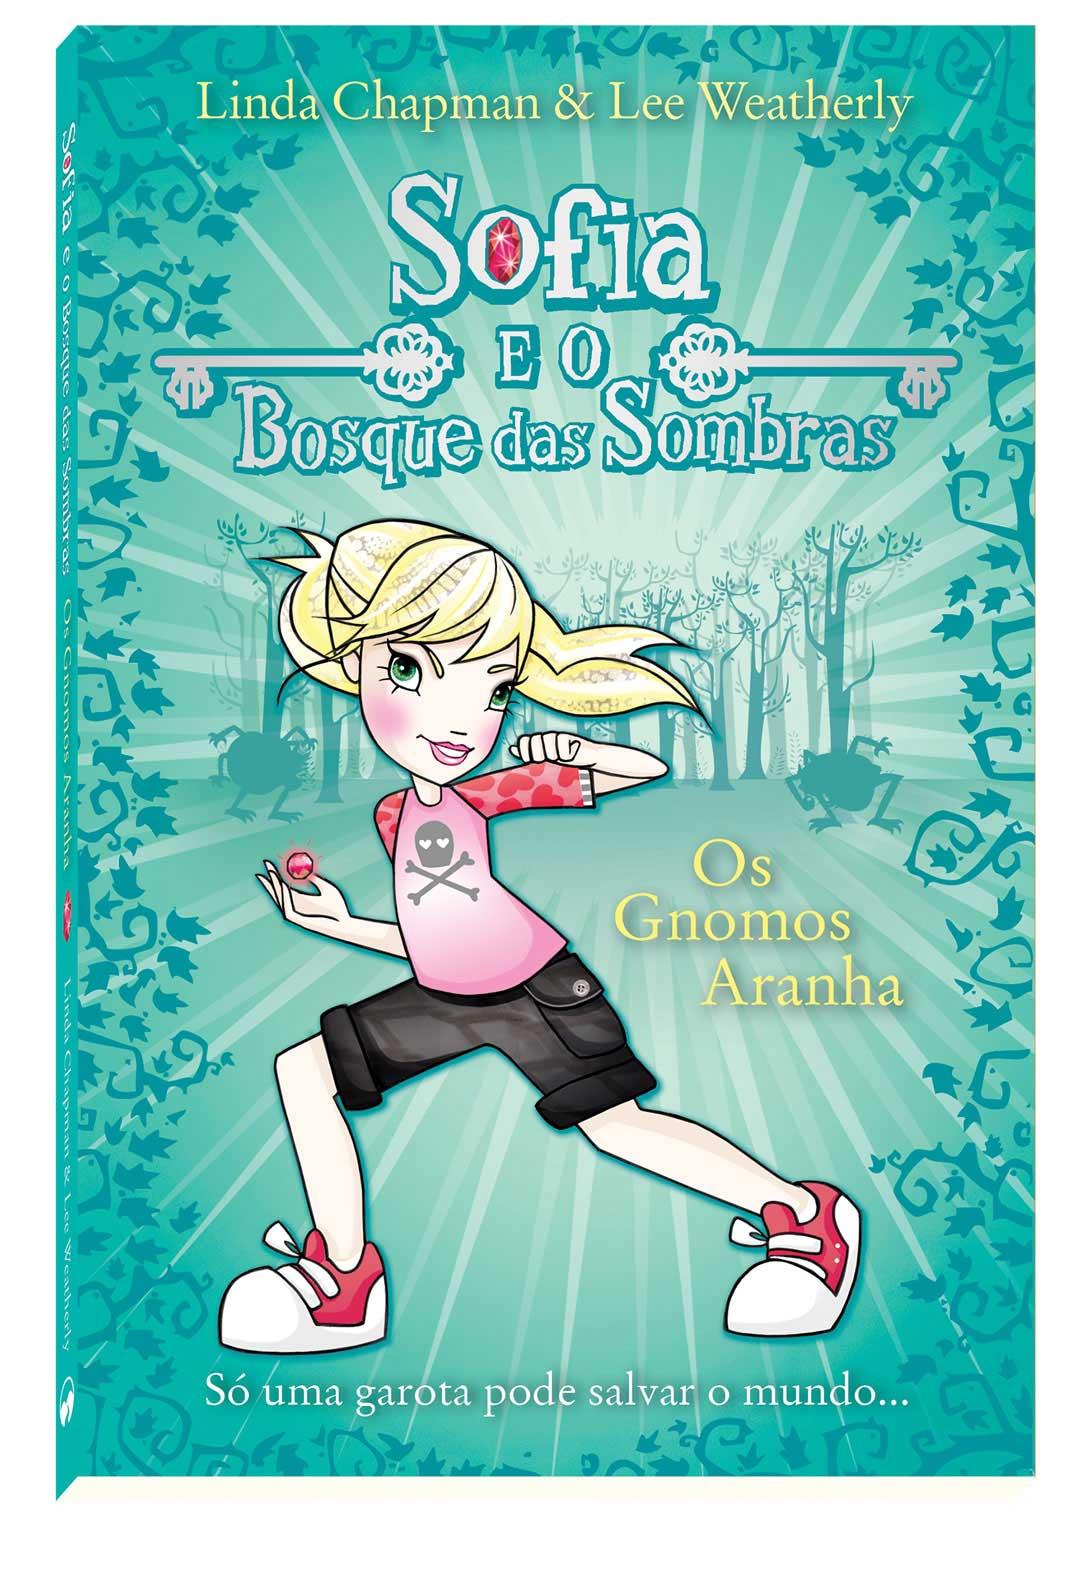 Os Gnomos Aranha - Sofia e o Bosque das Sombras